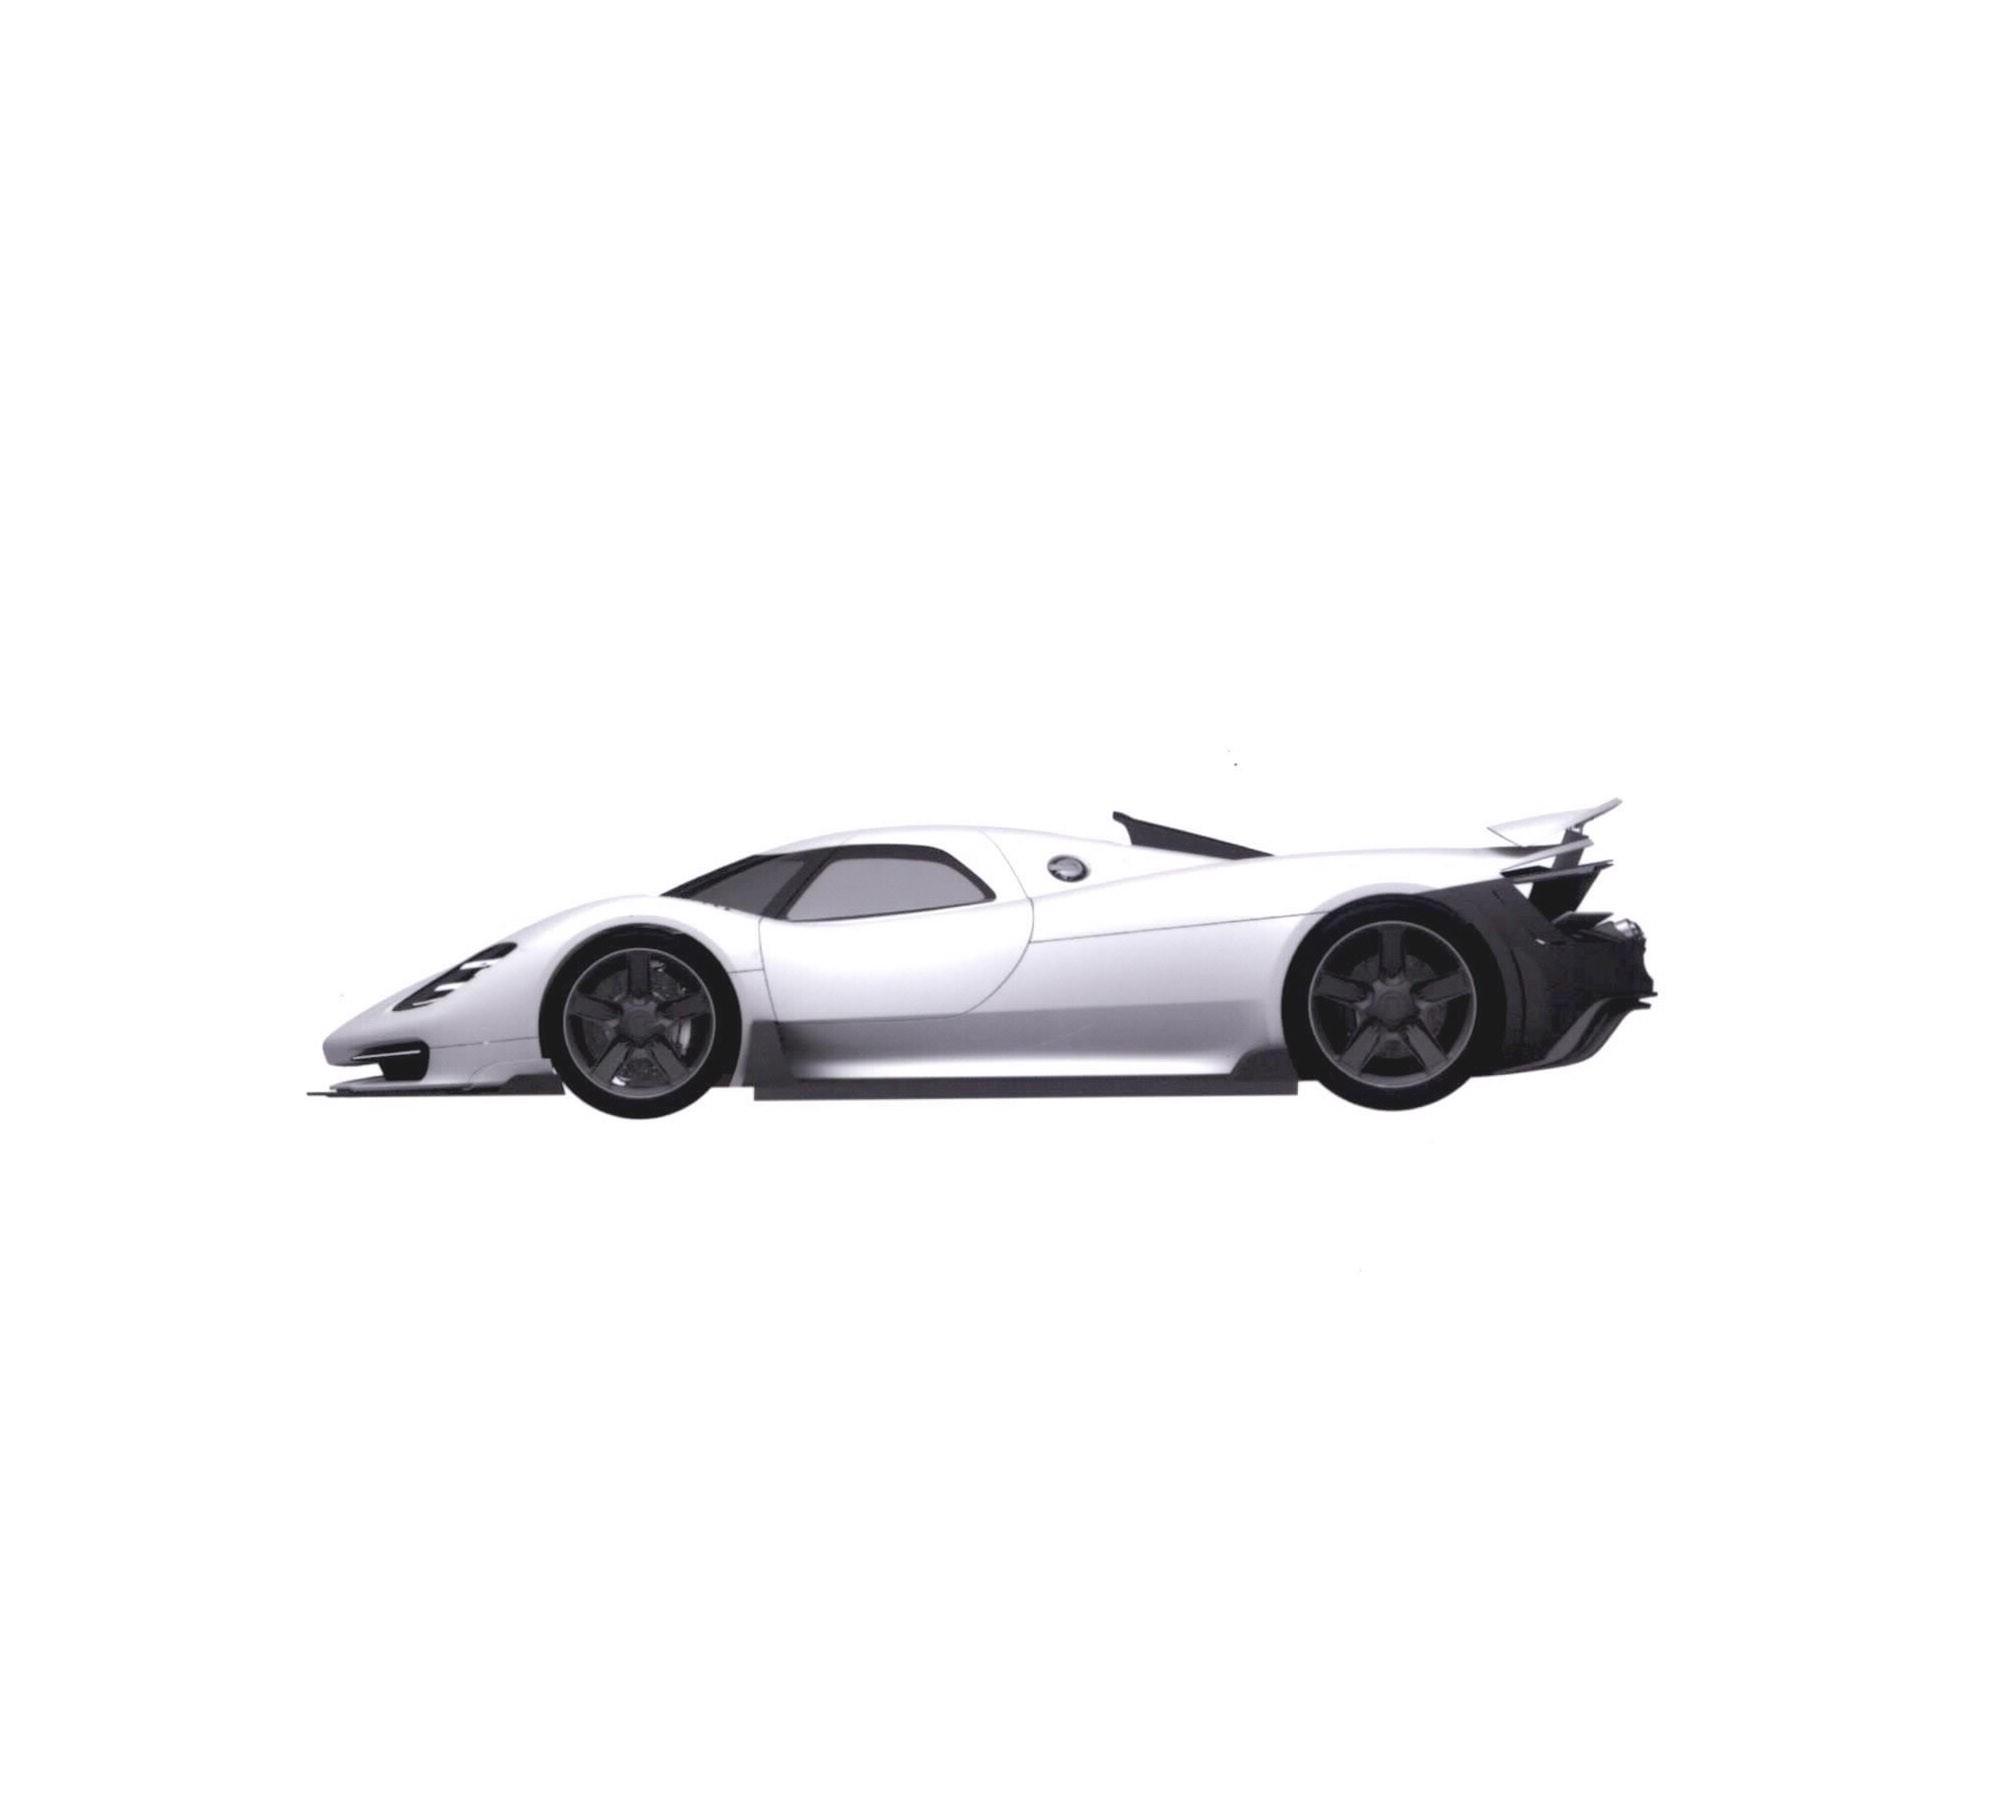 Porsche-918-Spyder-Successor-Patent-Images-11